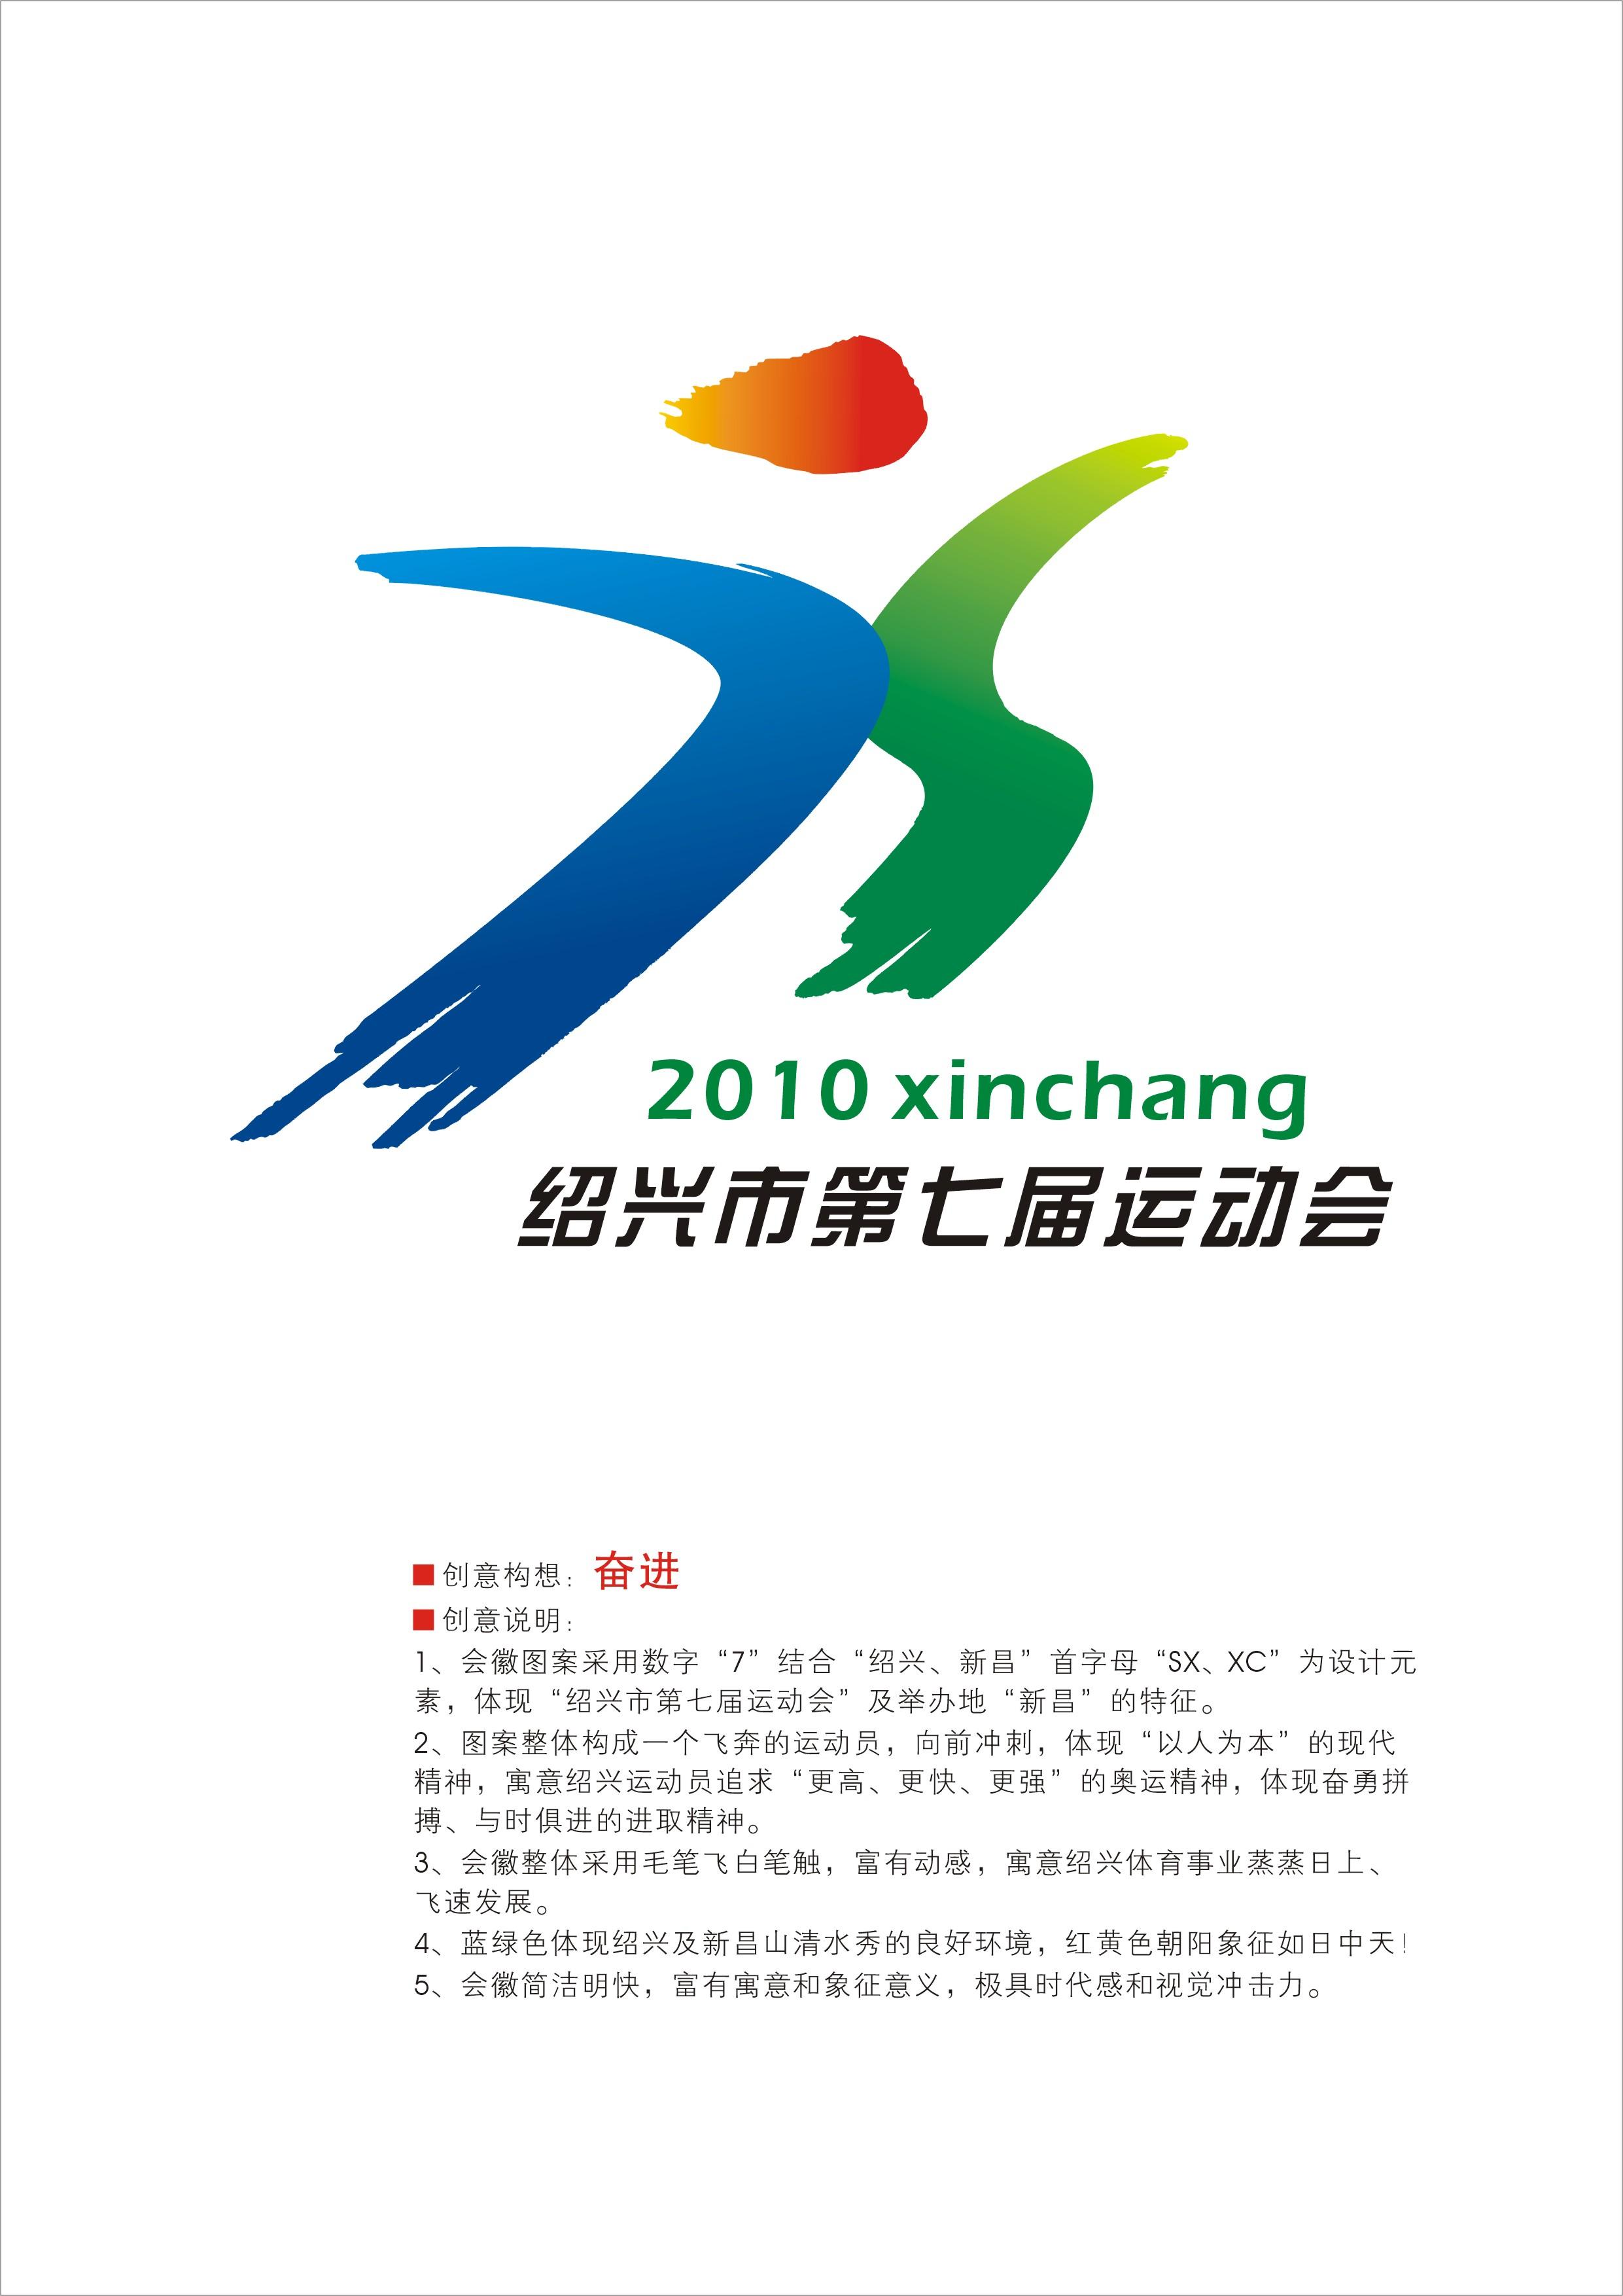 绍兴市第七届运动会会徽,会歌,主题口号发布图片